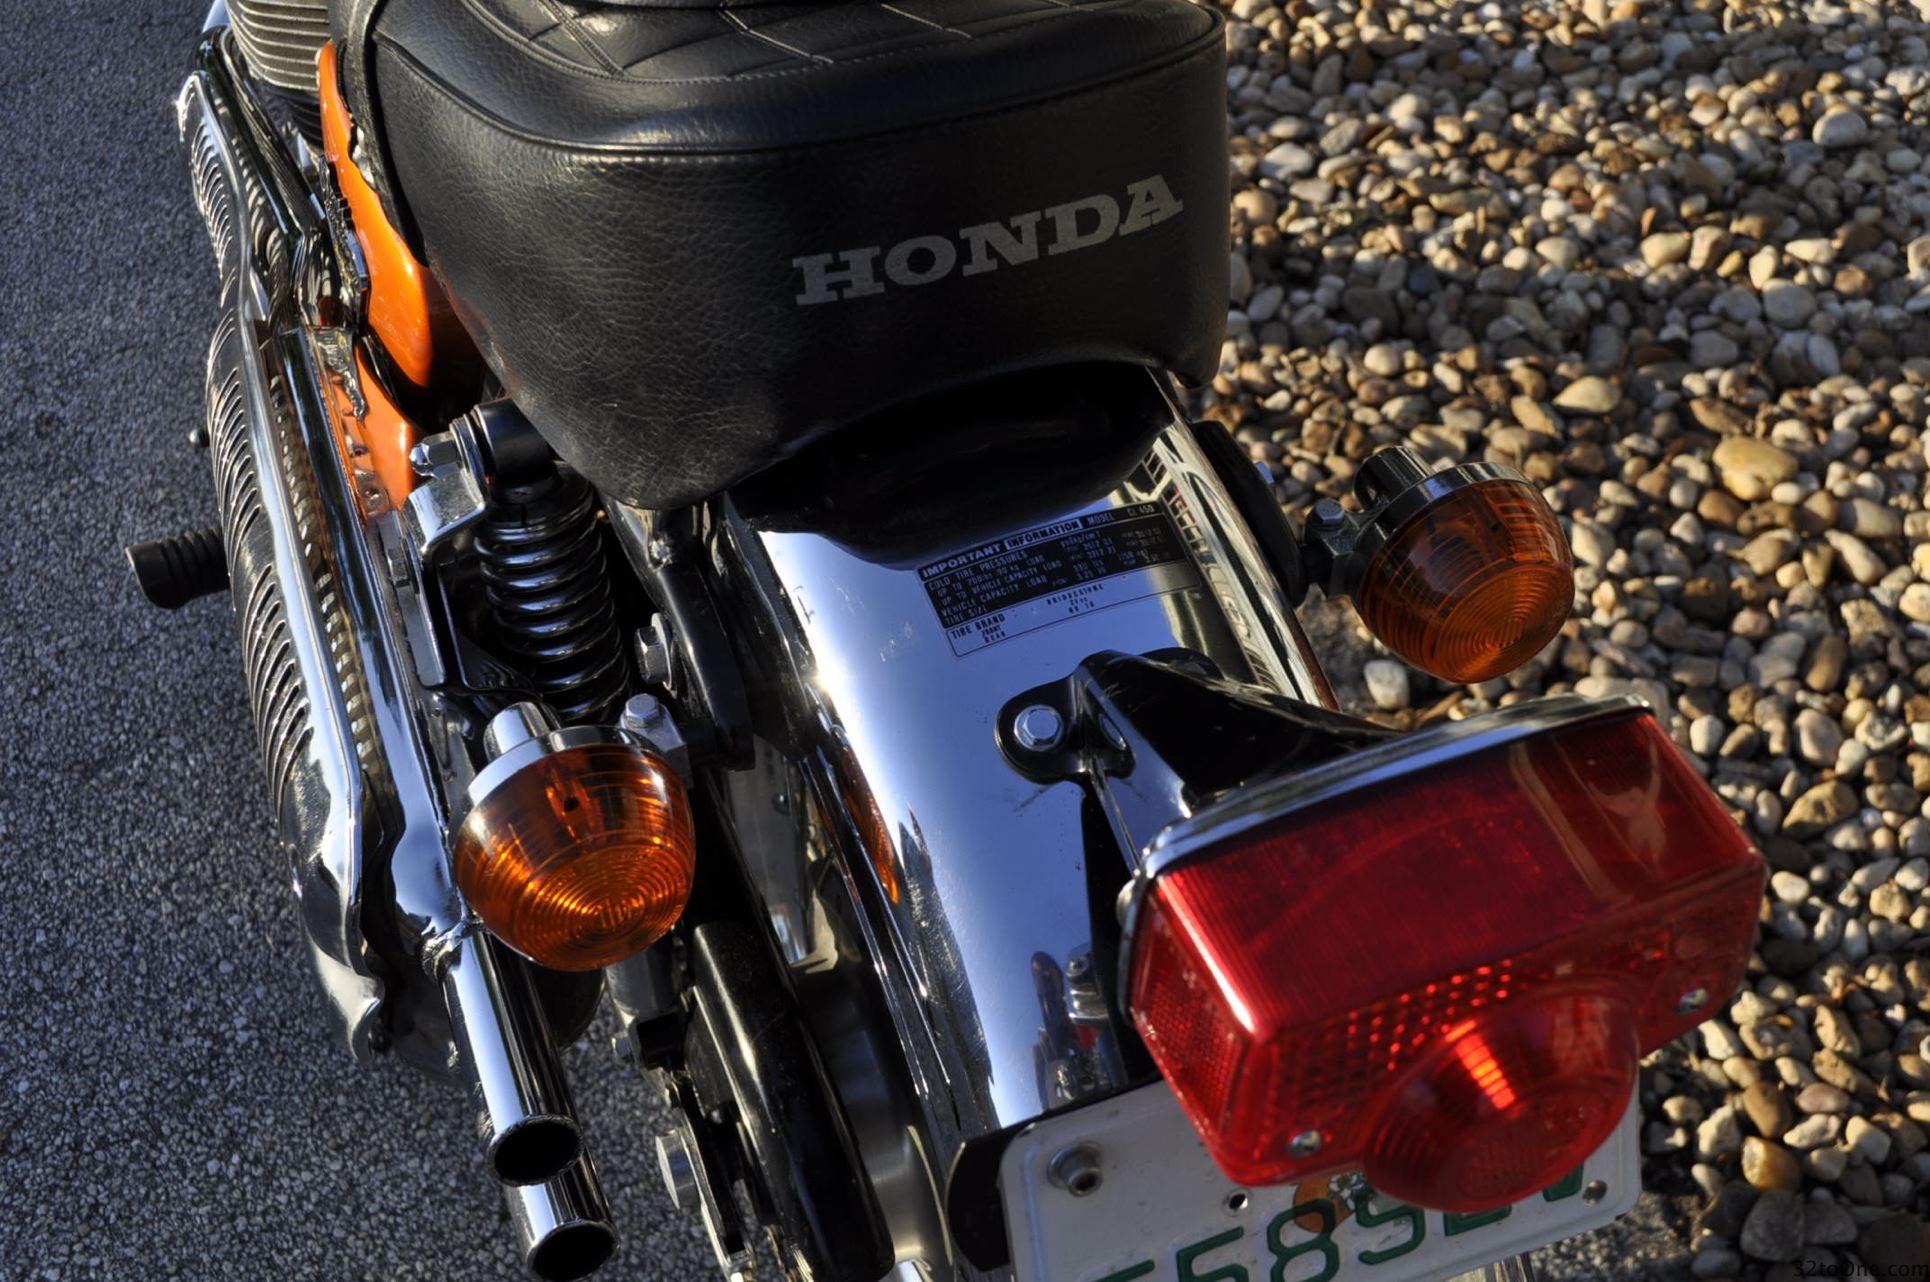 cb400, T100,Honda Scrambler, Cl360, Cl175, Scrambler, CL450